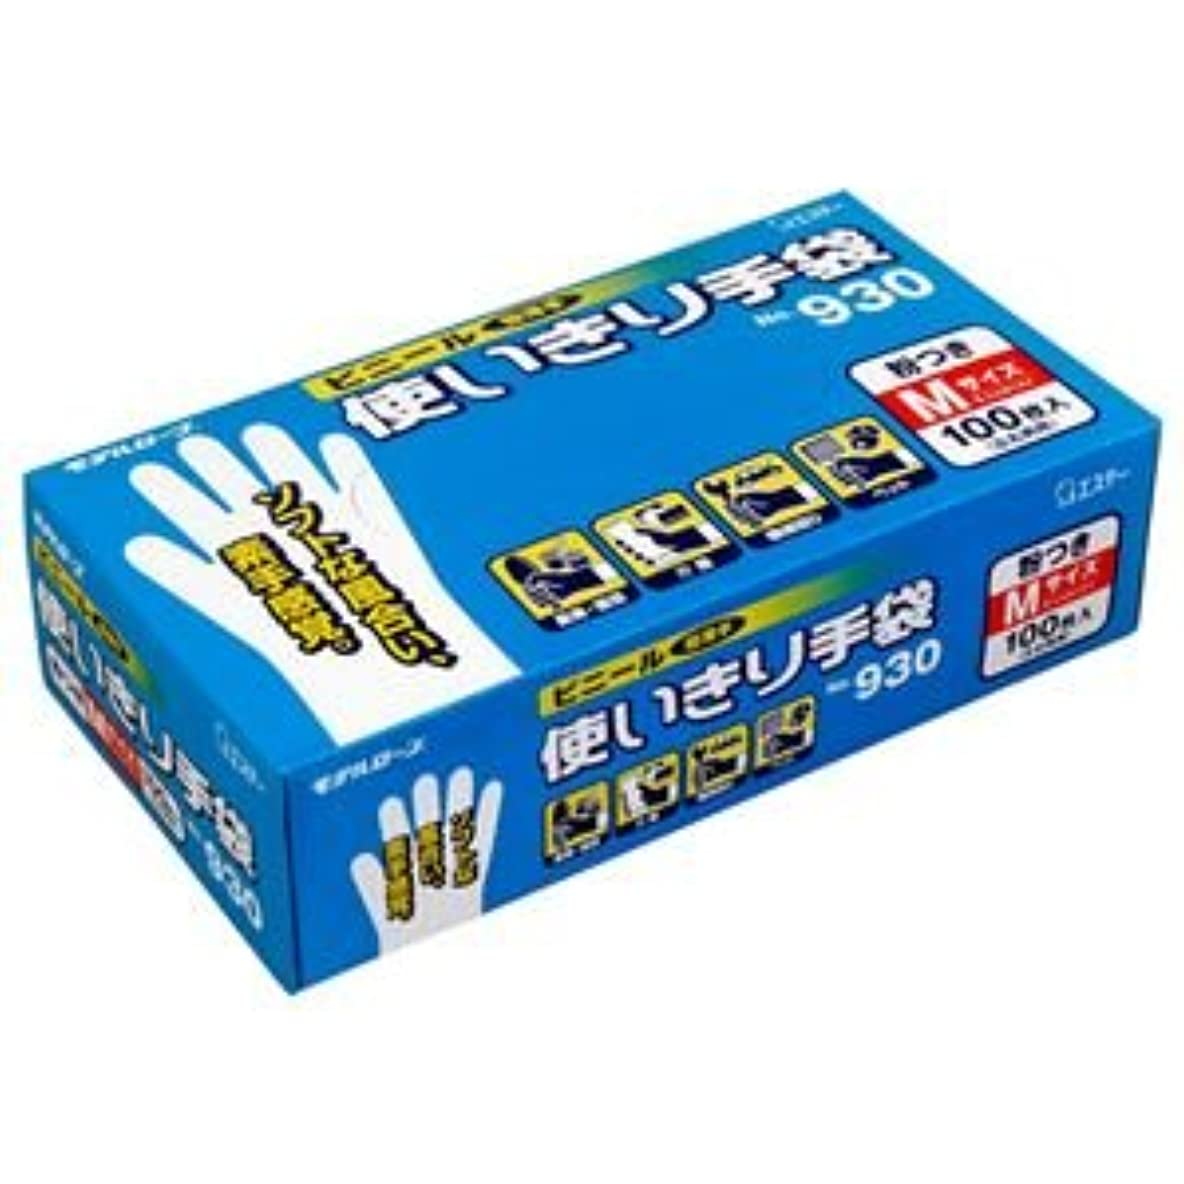 リスクフォーマットフィット(まとめ) エステー No.930 ビニール使いきり手袋(粉付) M 1箱(100枚) 【×5セット】